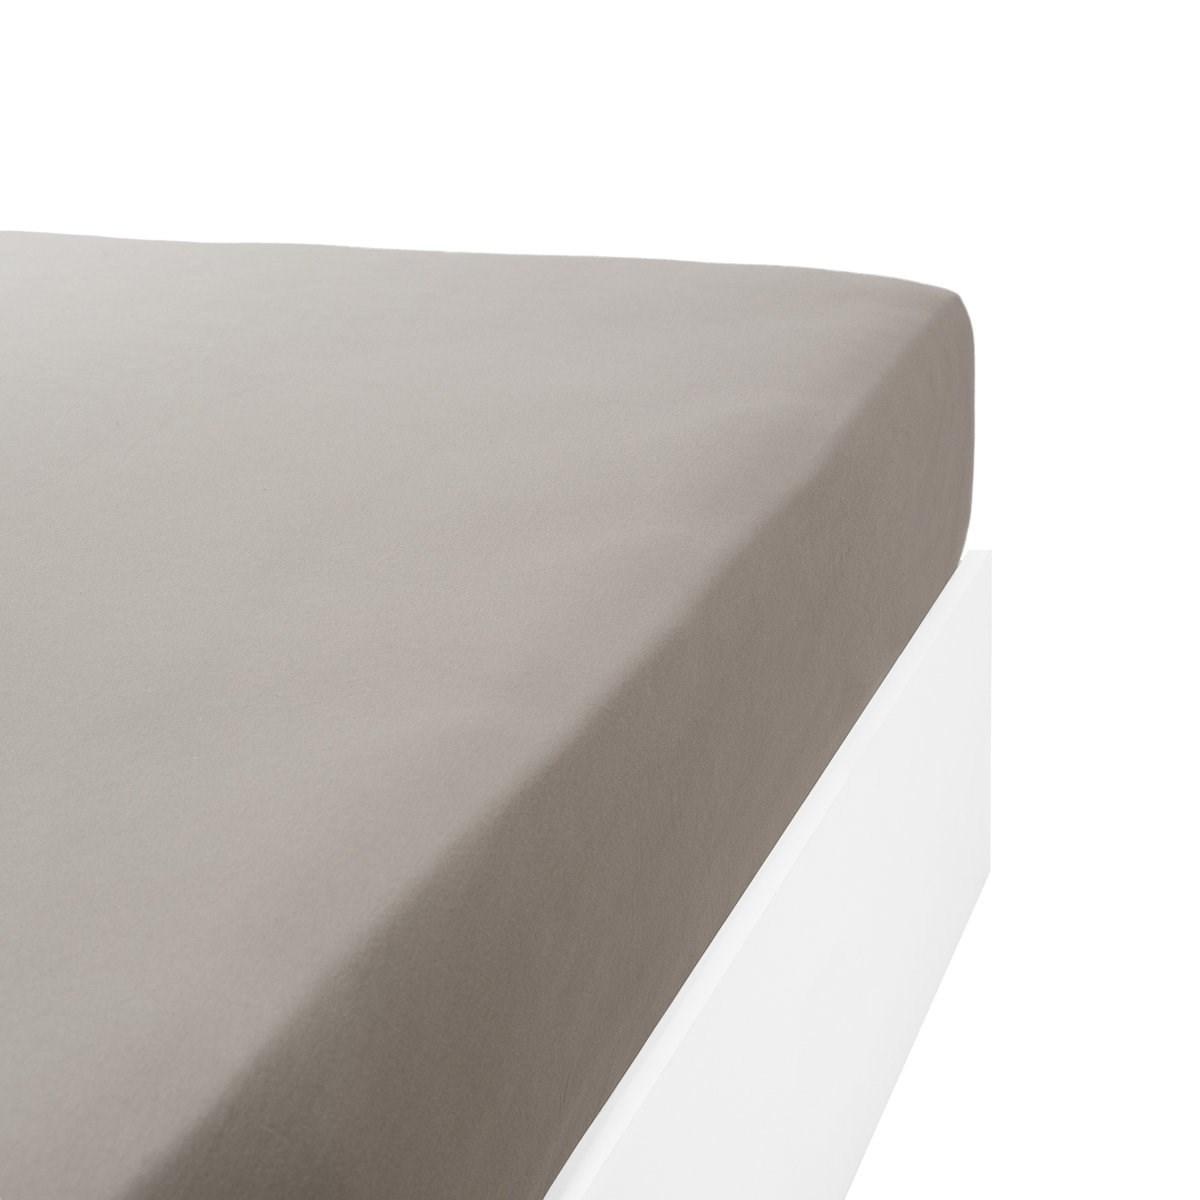 Drap housse jersey extensible lit double en coton gris 100x200 cm